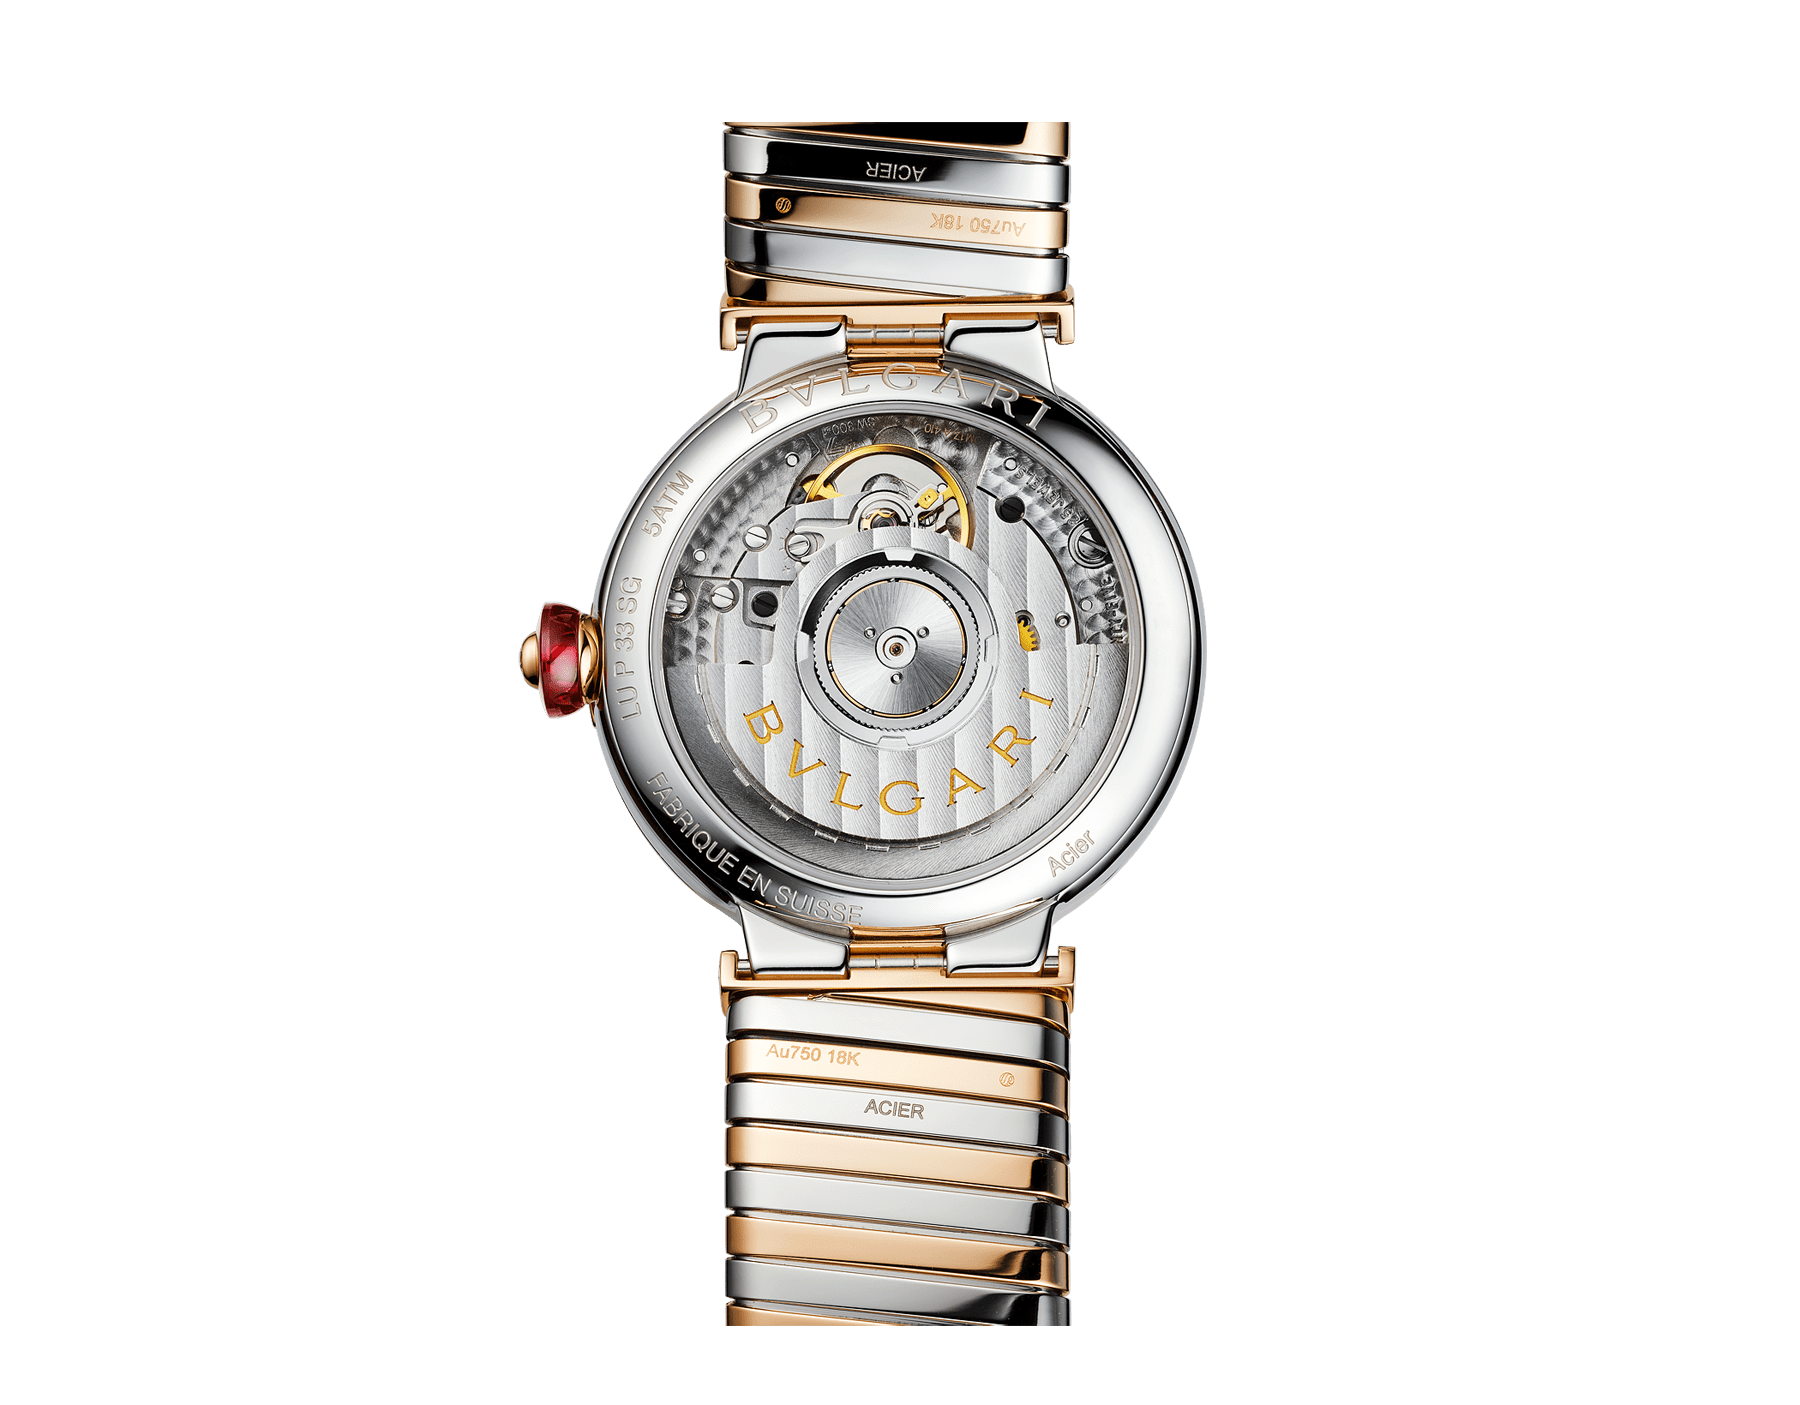 LVCEA Tubogas Uhr mit Gehäuse und Tubogas-Armband aus 18 Karat Roségold und Edelstahl, weißem Perlmuttzifferblatt und Diamantindizes 102954 image 3